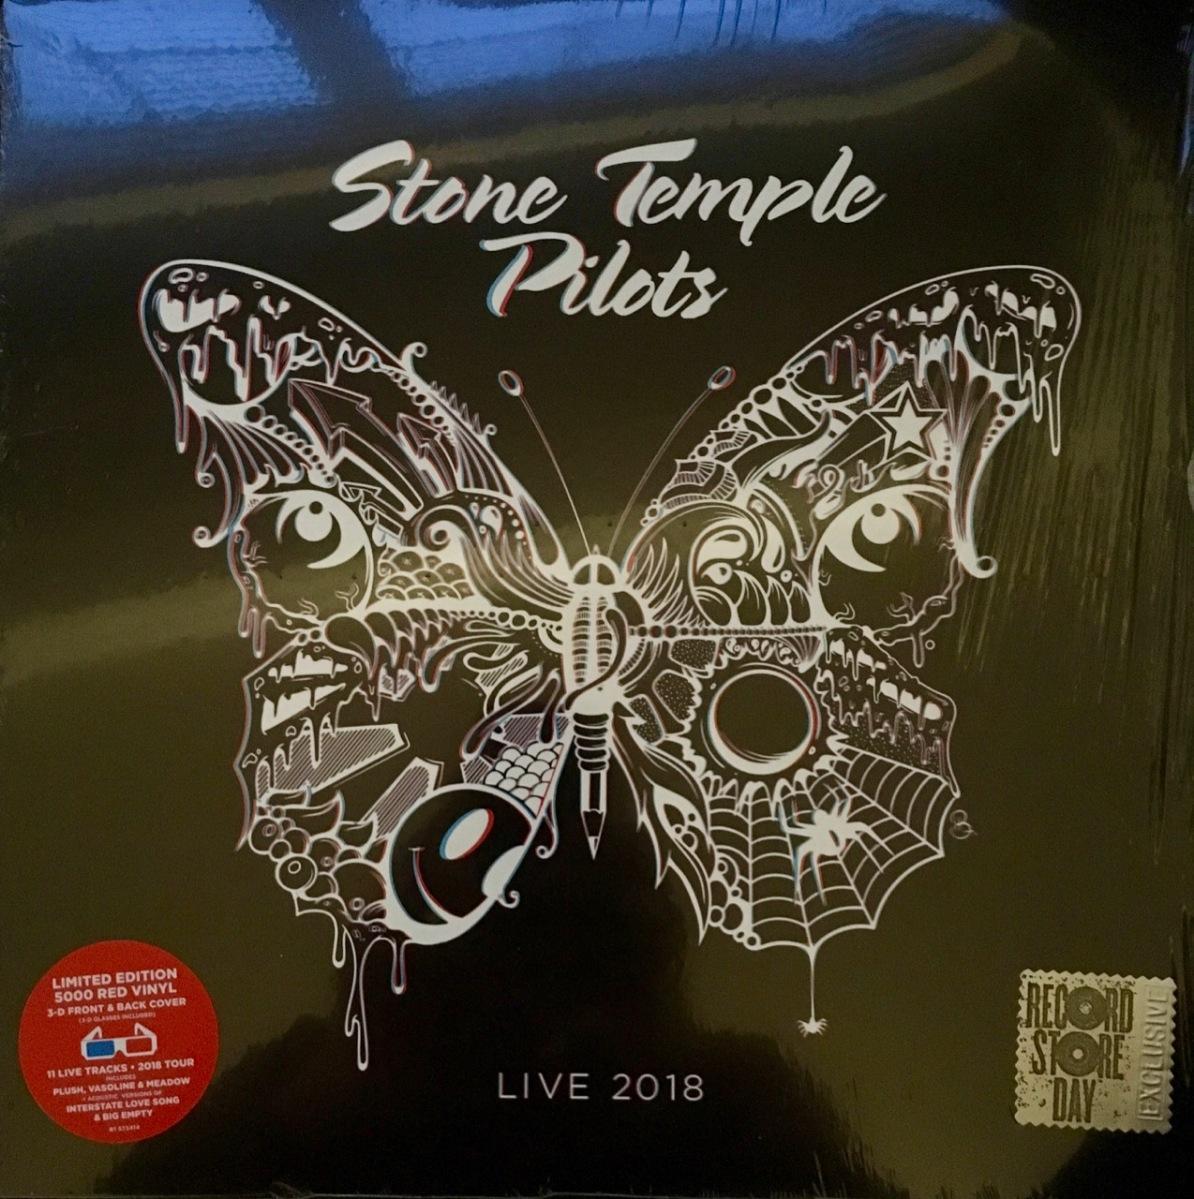 stone temple pilots live 2018 album review 2loud2oldmusic. Black Bedroom Furniture Sets. Home Design Ideas